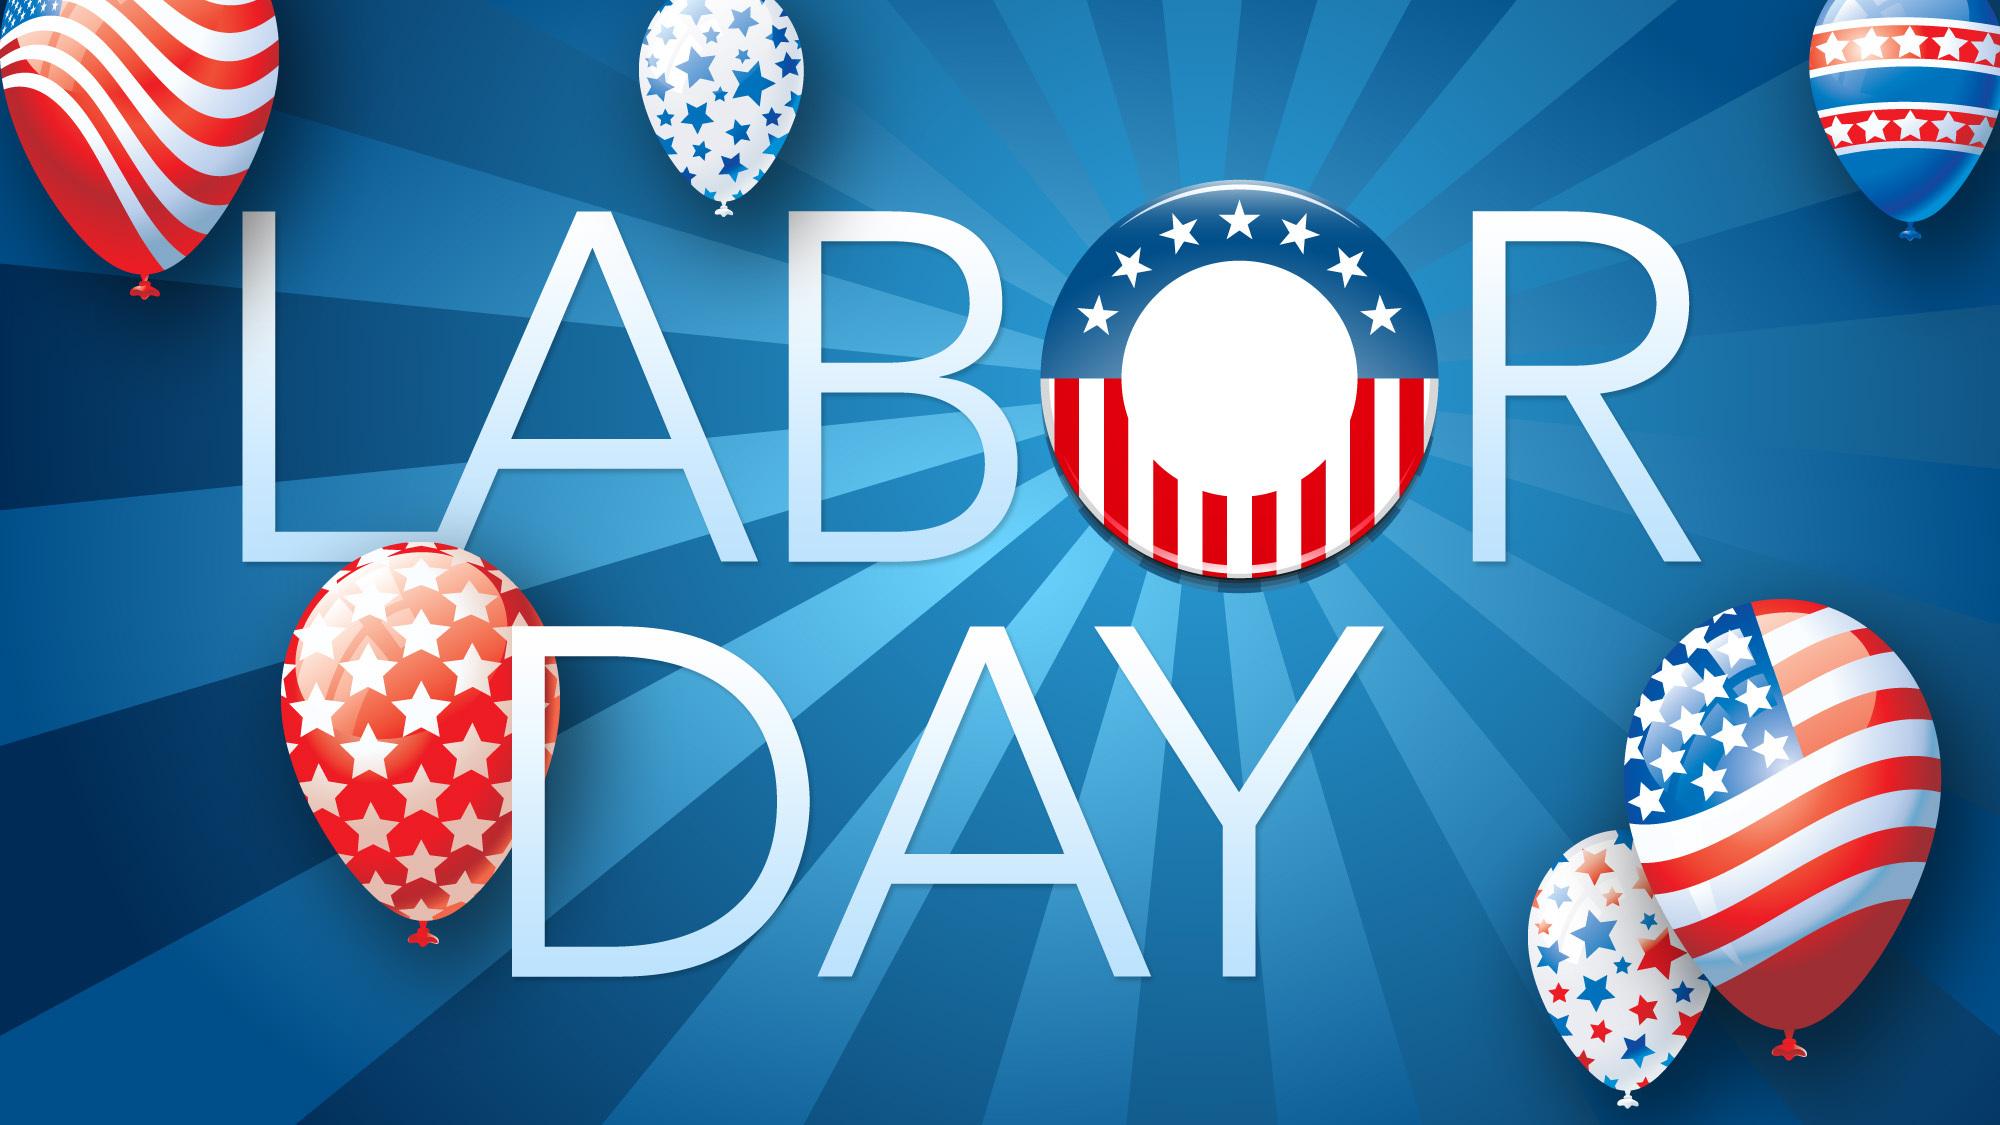 Labor Day Wallpaper